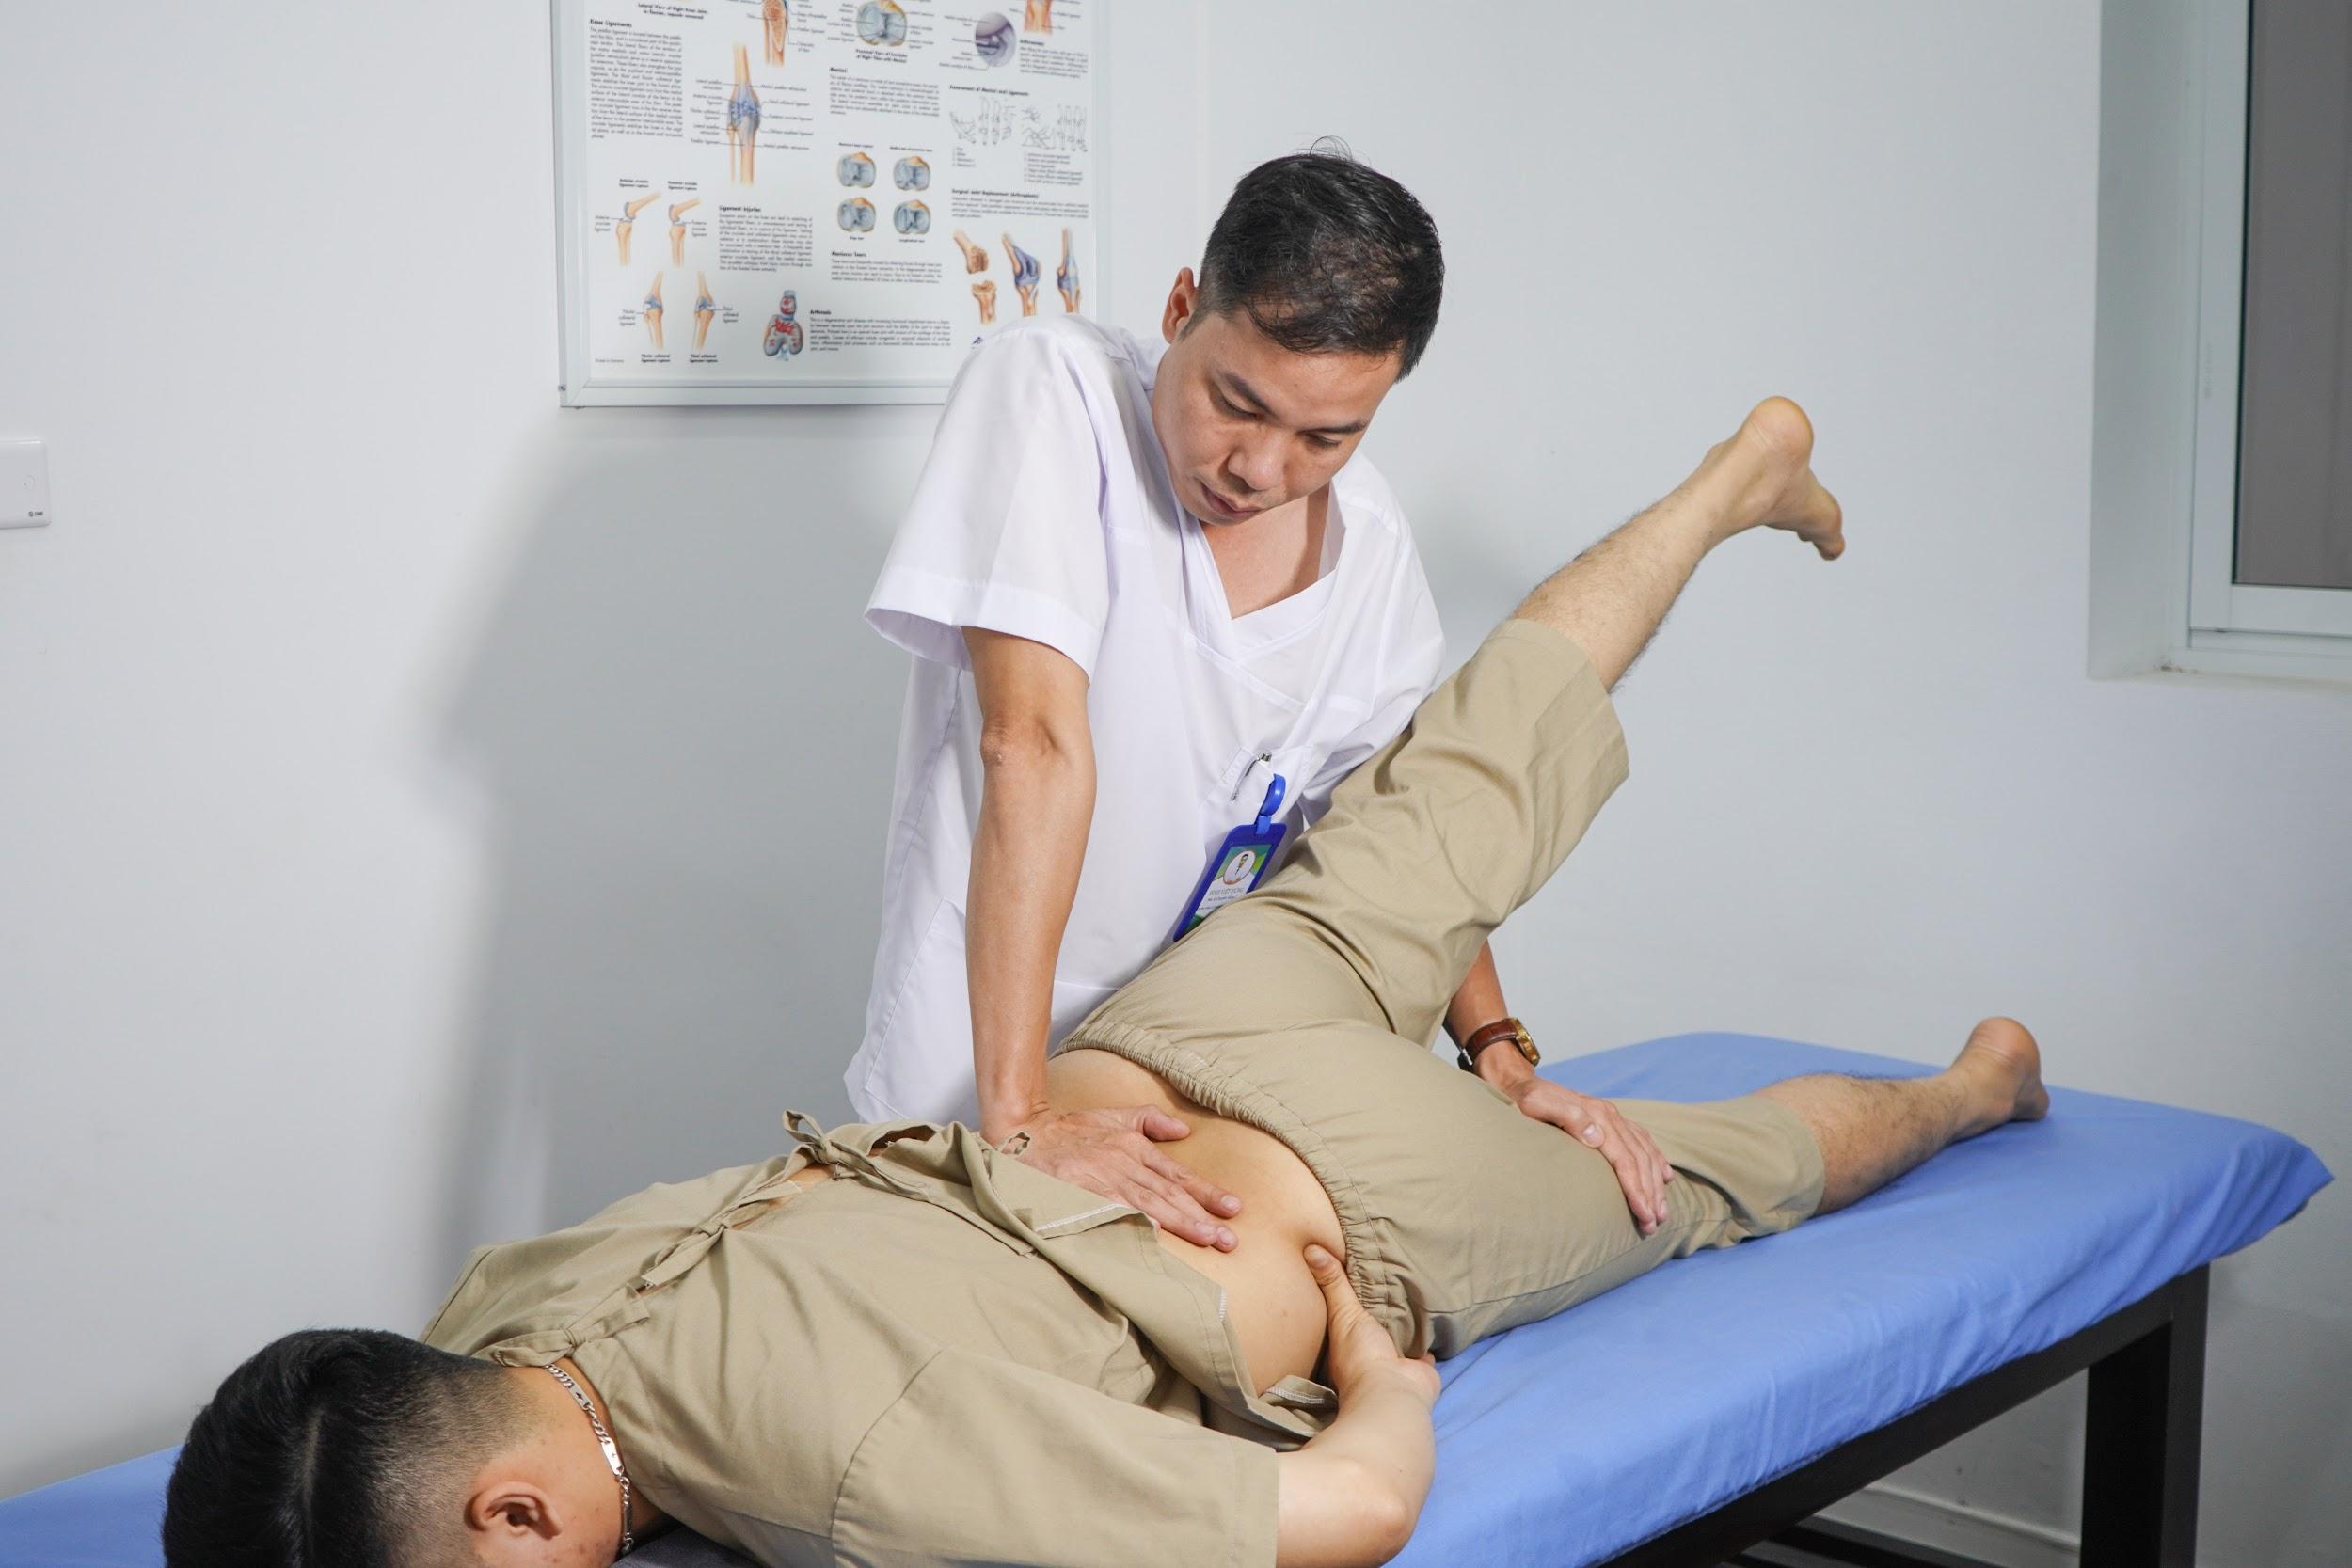 Bác sĩ chuyên khoa 1 Đinh Việt Hùng mở ra kỳ tích y khoa từ phương pháp mới trong điều trị bệnh cơ xương khớp - Ảnh 2